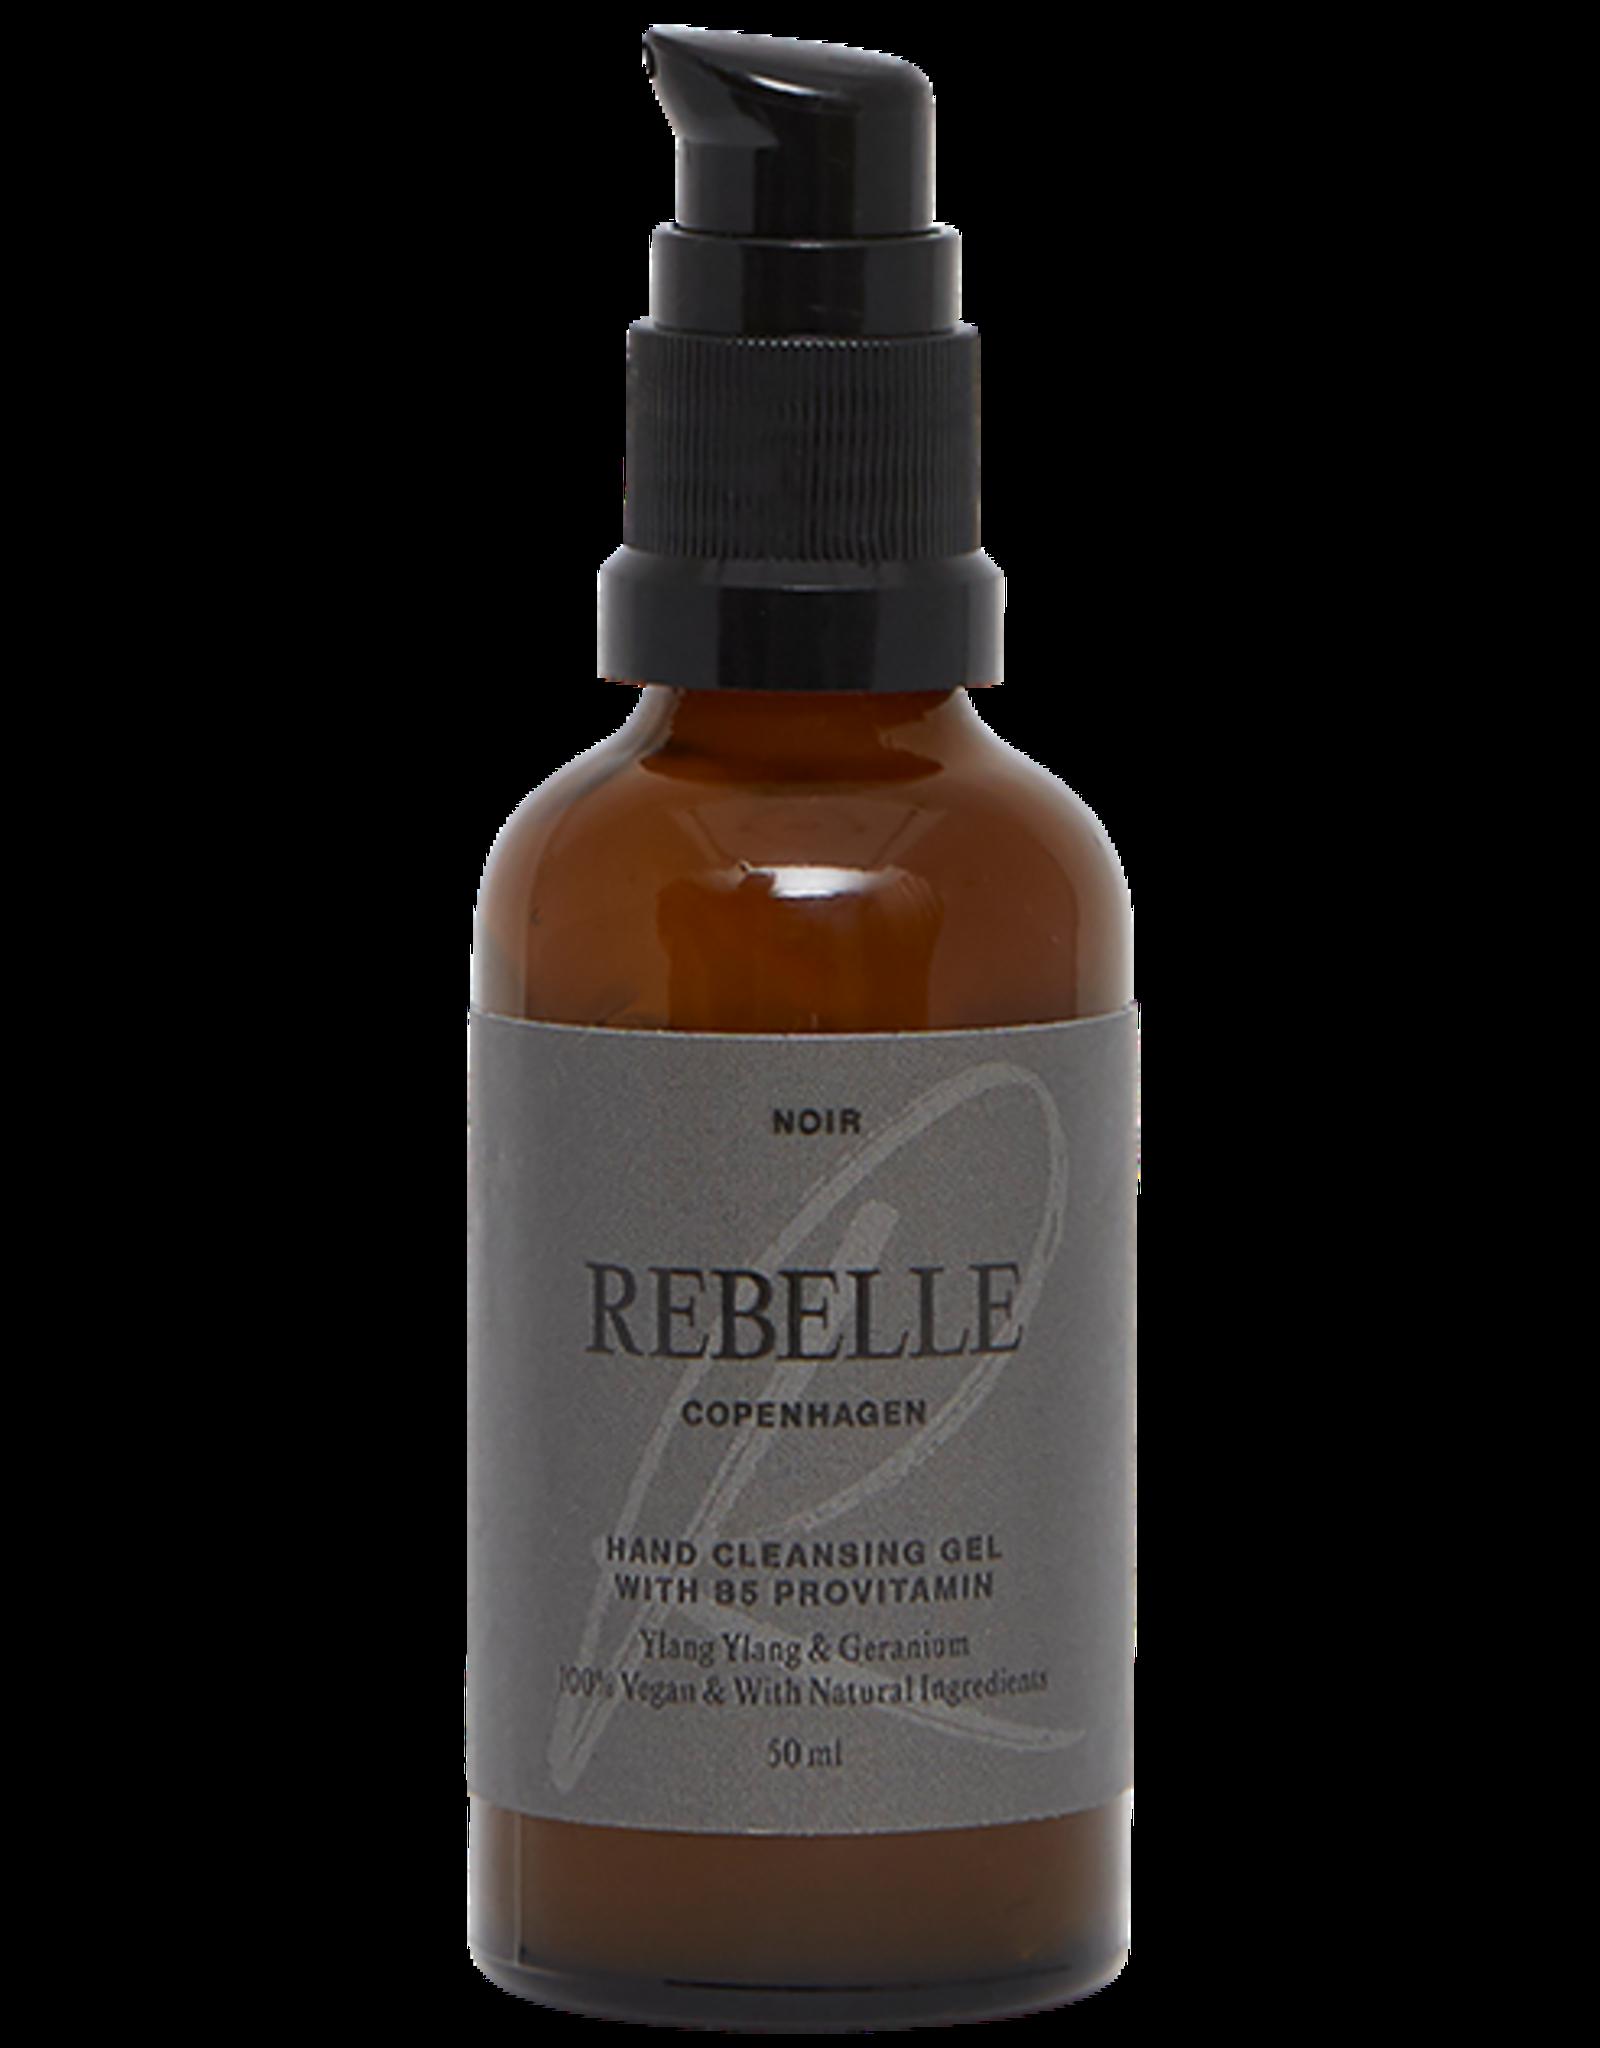 Rebelle Rebelle Vegan Hand Cleansing Gel B5 Provitamin